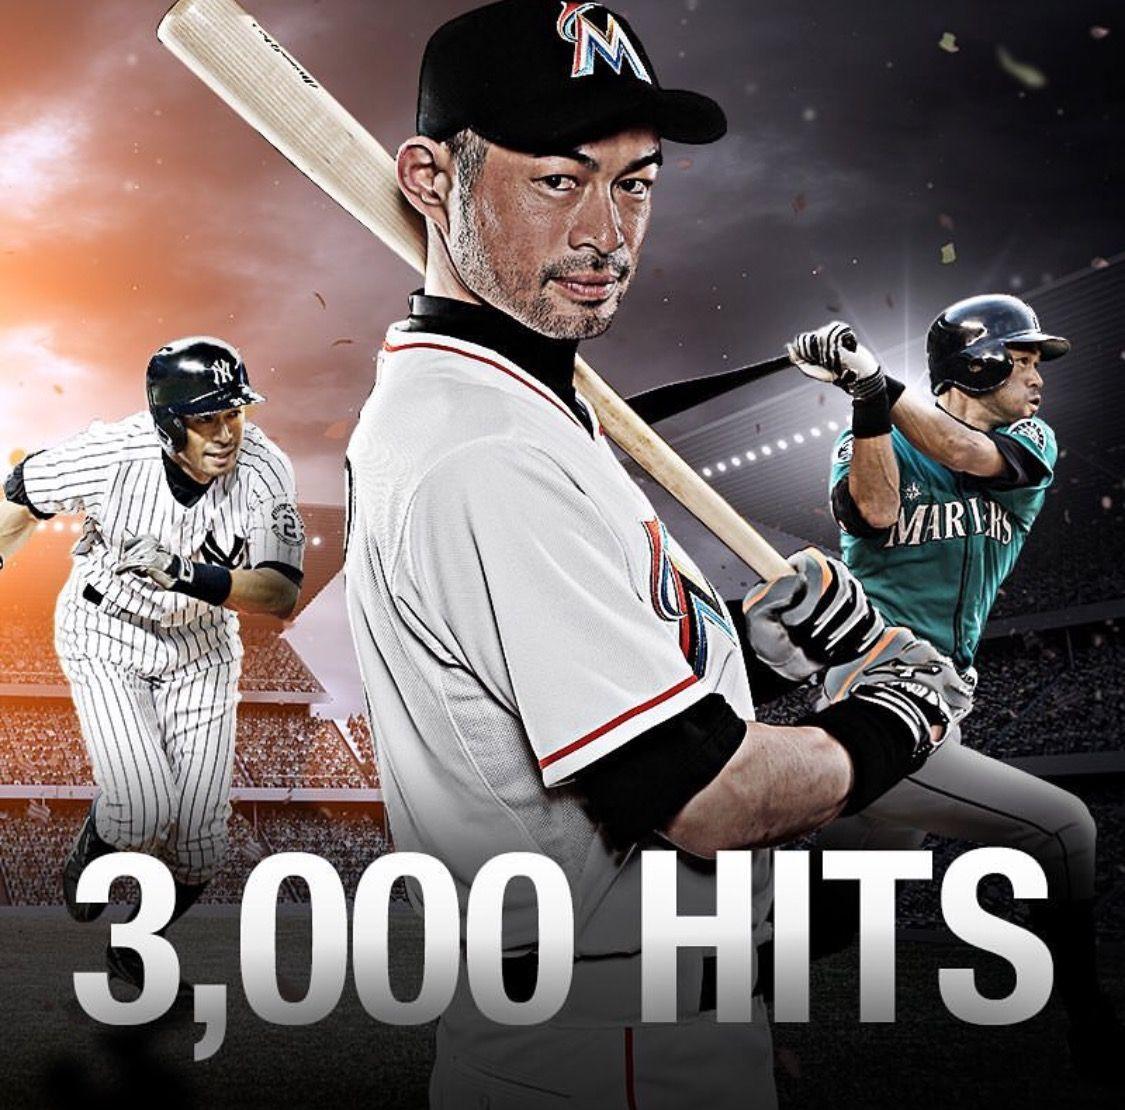 Ichiro Suzuki Ichiro suzuki, Mlb, Baseball players